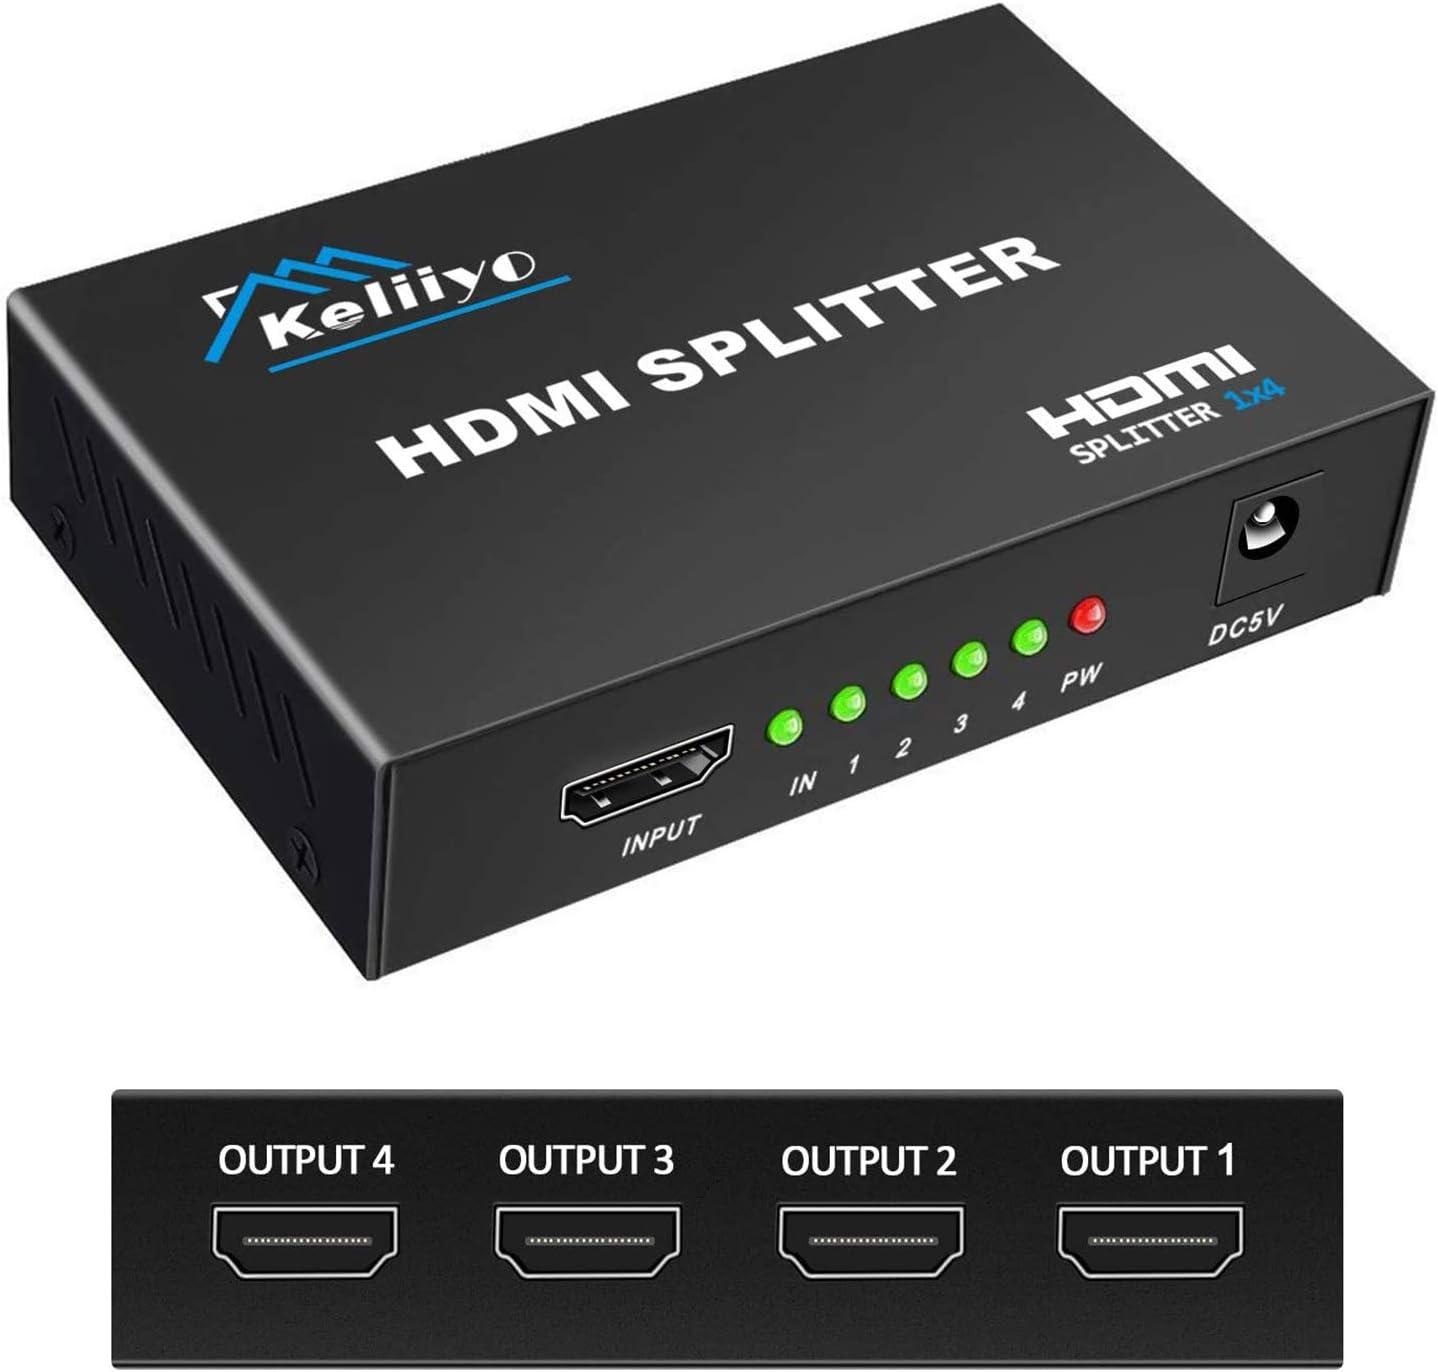 The Best Hdcp Bypass Splitter